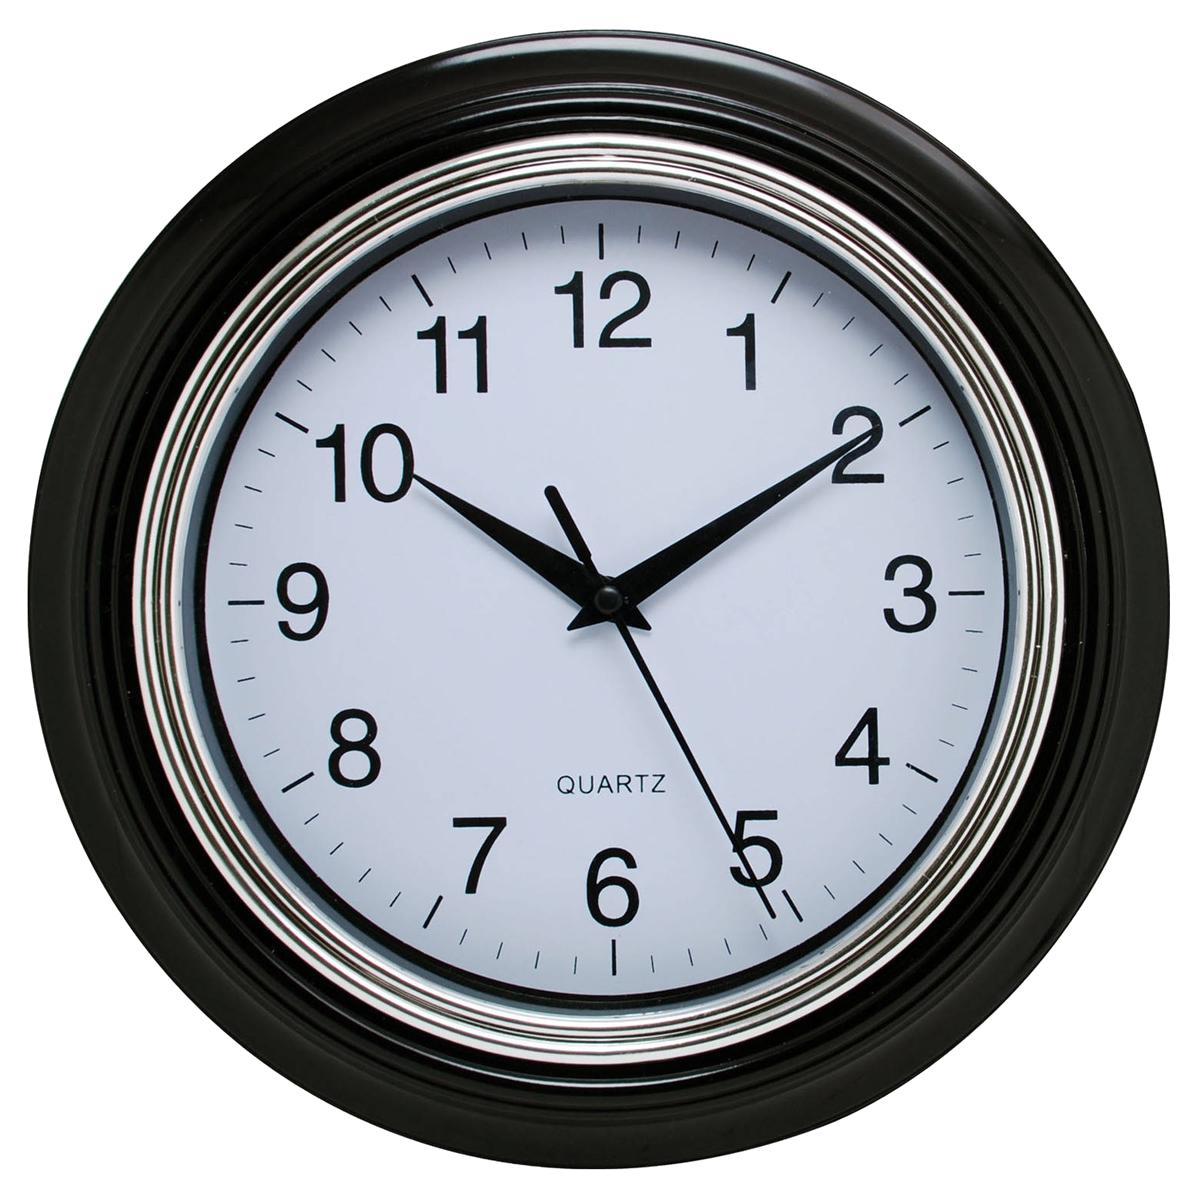 Timer Clipart Cool Clock - Wall Clock Cartoon Png, Transparent Png - vhv